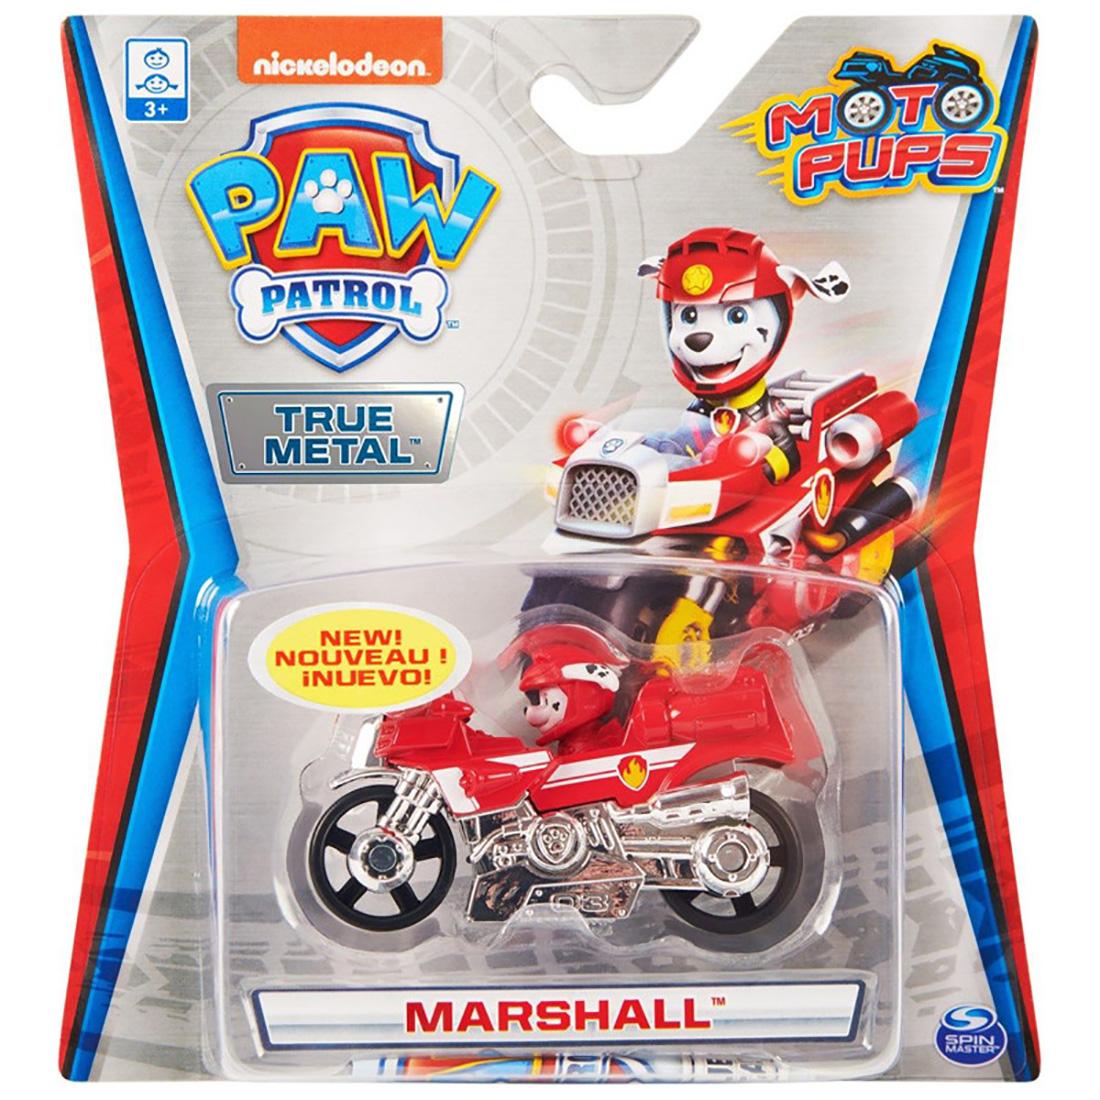 Masinuta cu figurina Paw Patrol True Metal, Marshall, 20134623